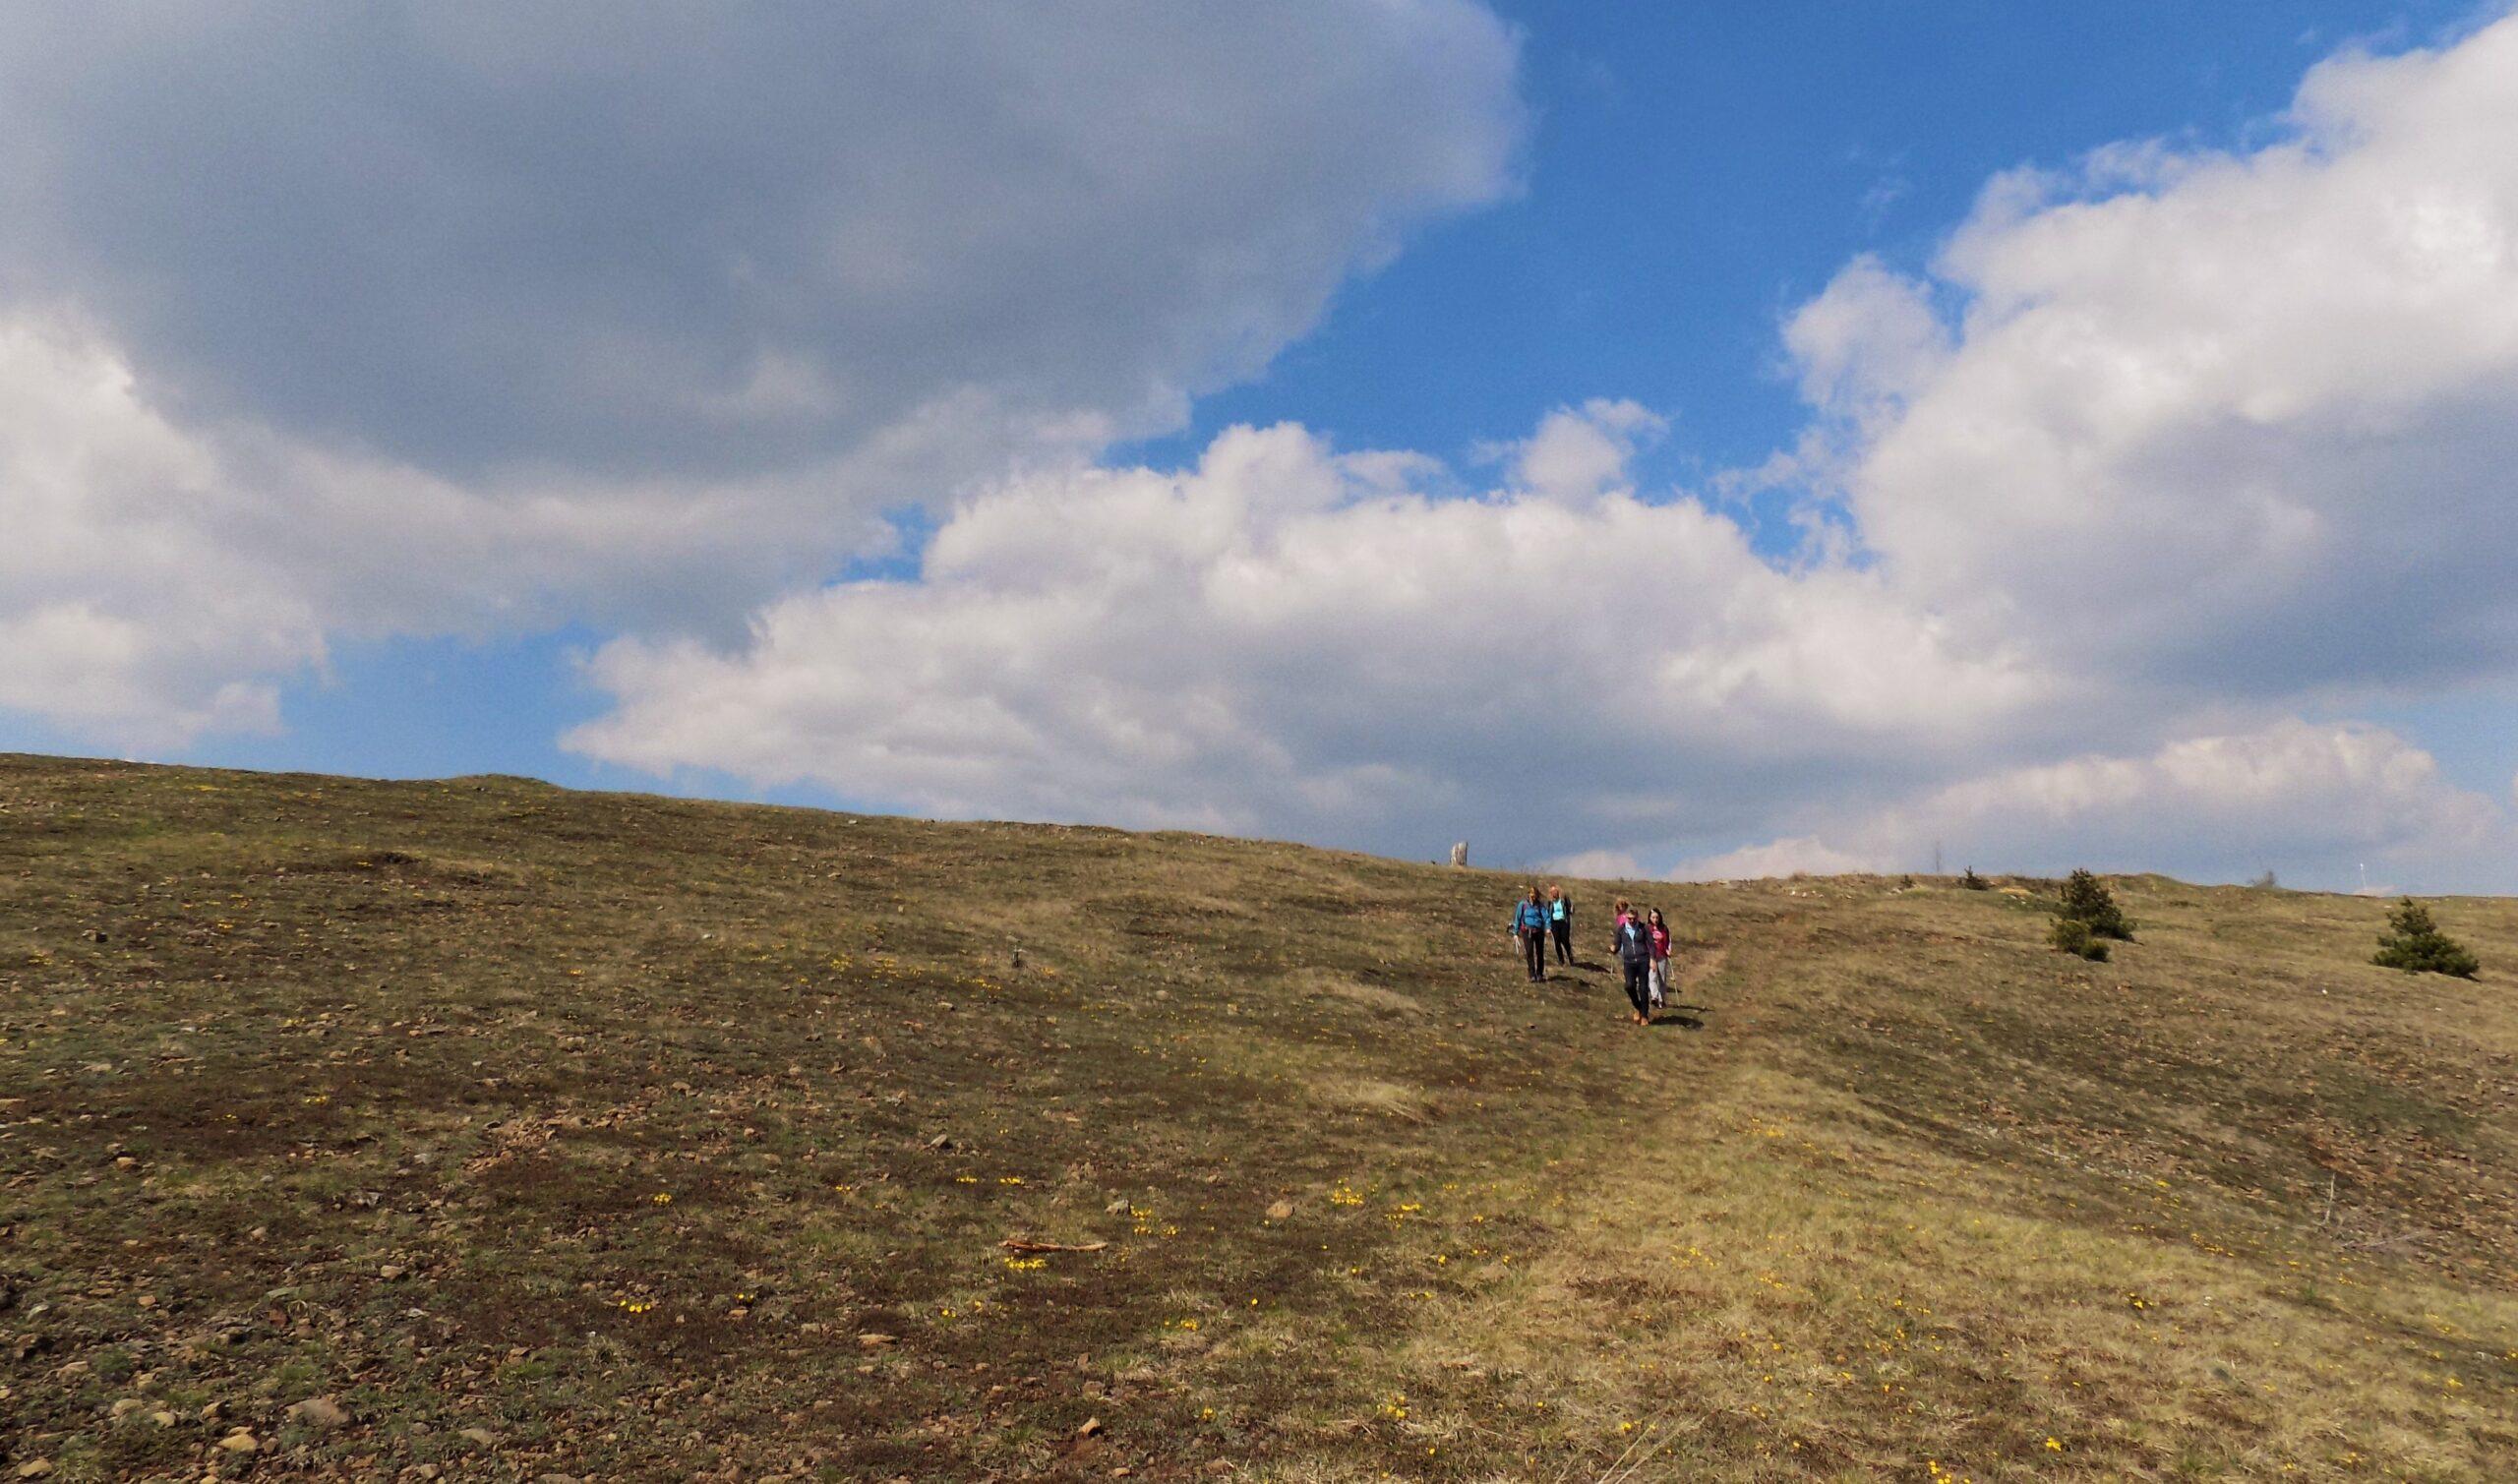 Maljen-Tometino polje, pešačenje u bajkovitim predelima